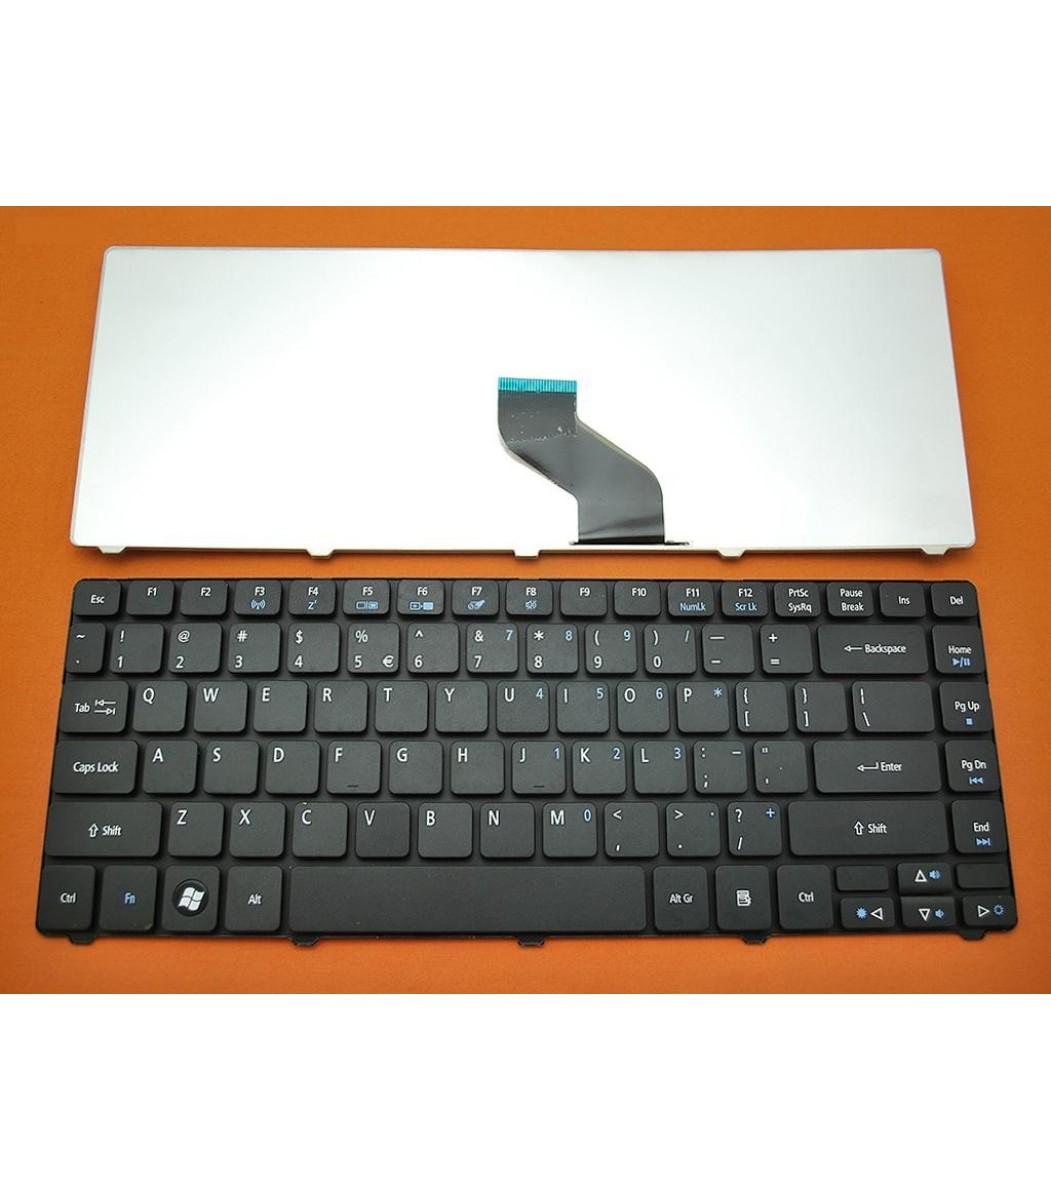 Keyboard Acer 4736 Daftar Harga Terbaru Dan Terupdate Indonesia 4738 4741 4739 4540 Dll 4740